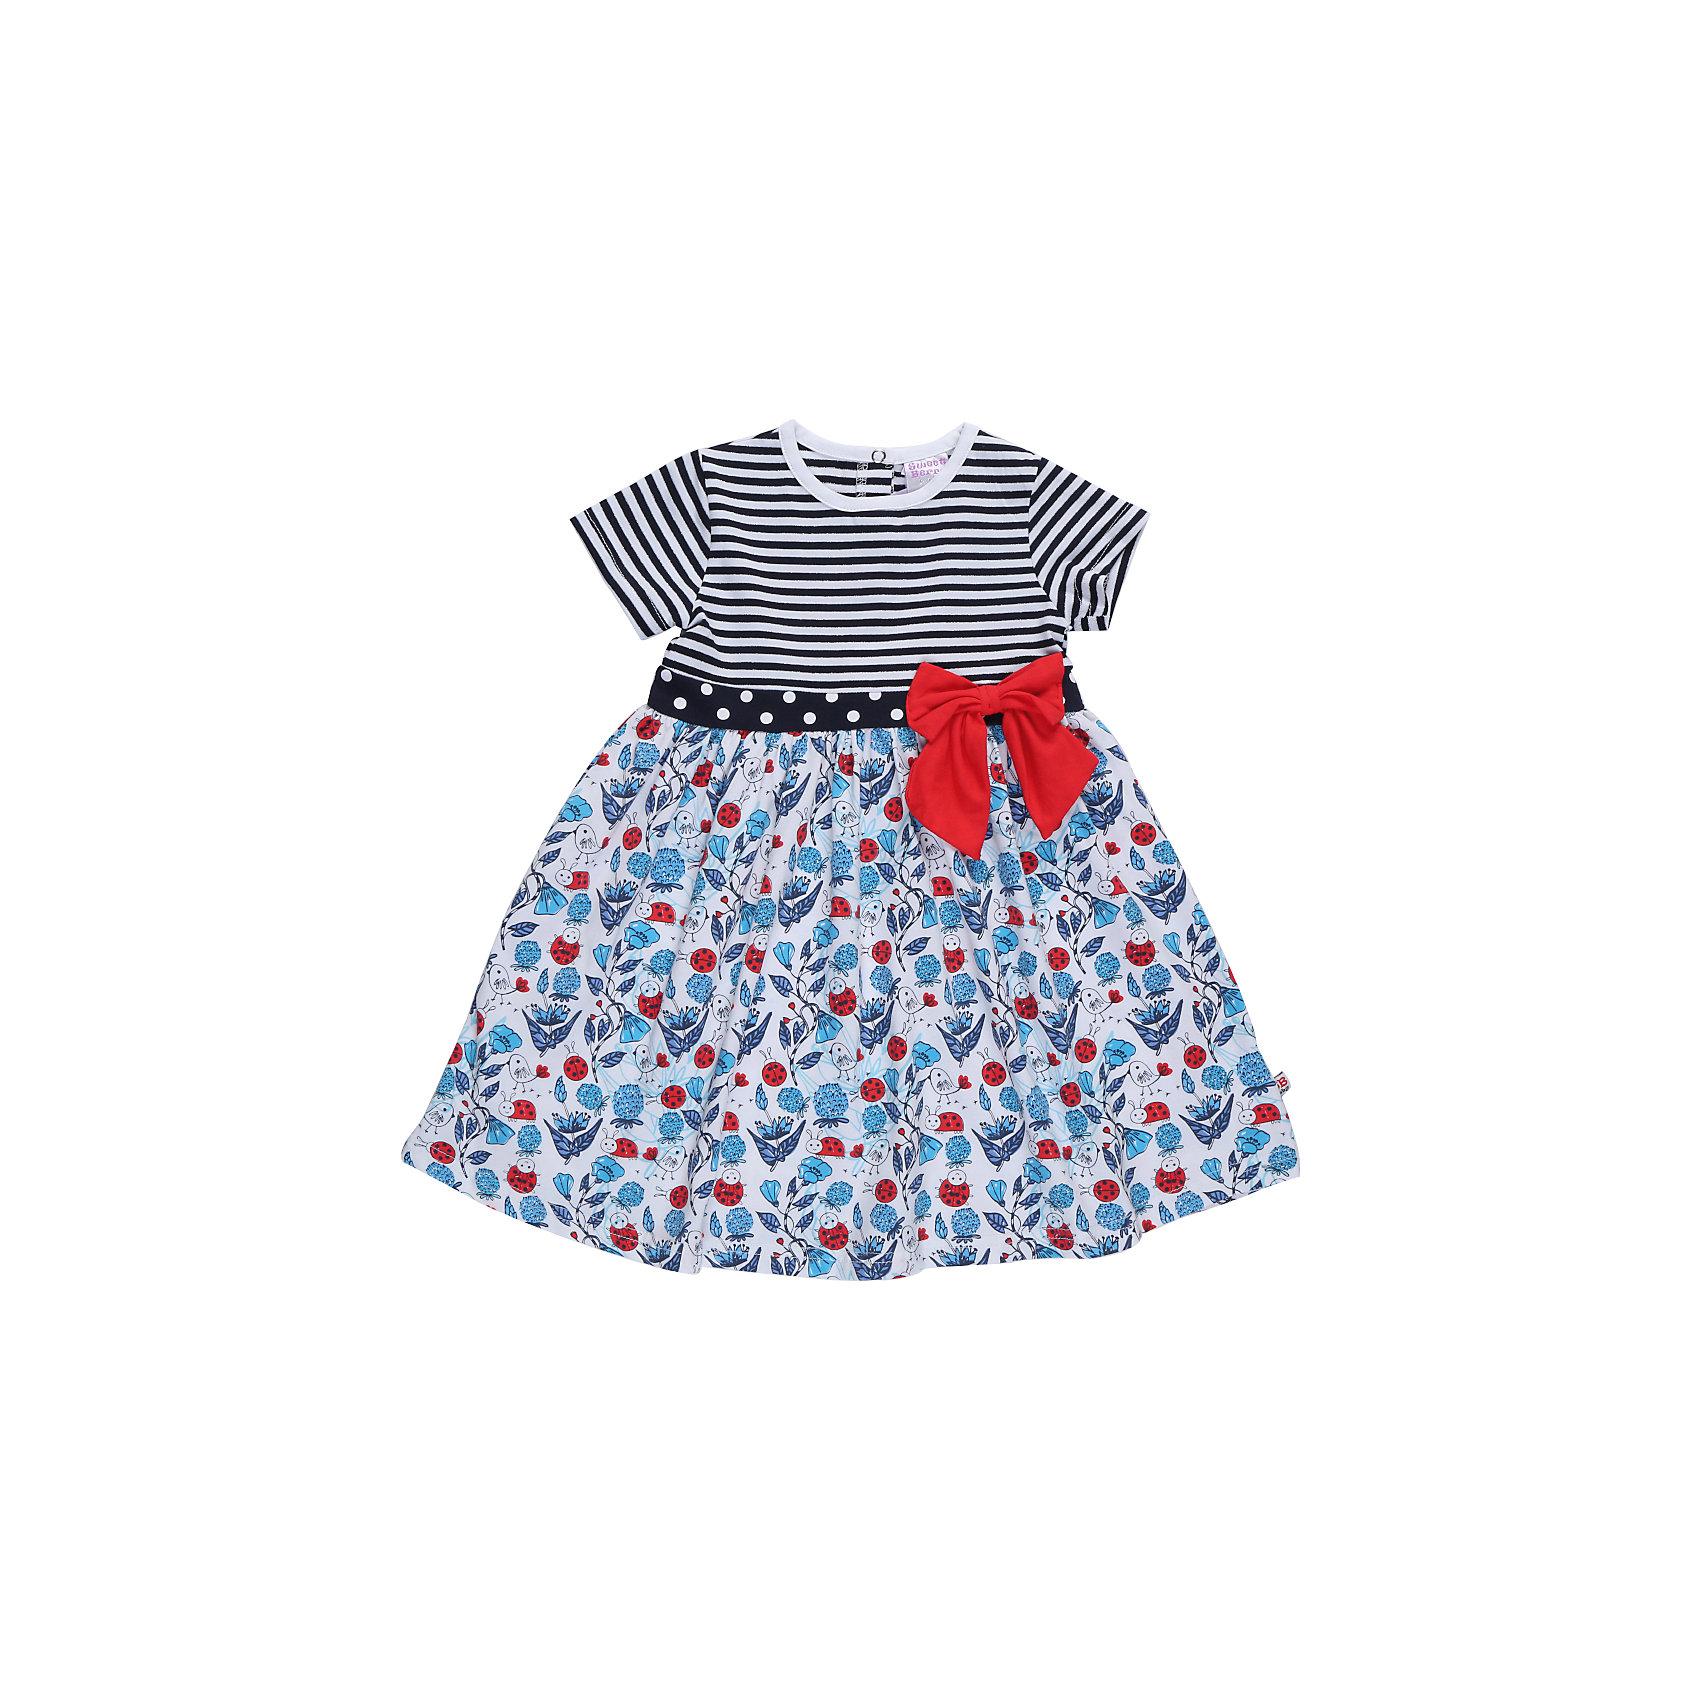 Платье для девочки Sweet BerryПлатья<br>Трикотажное платье для девочки из комбинированного материала. Платье декорировано ярким бантом на талии. Сзади застежка на кнопках<br>Состав:<br>95%хлопок 5%эластан<br><br>Ширина мм: 236<br>Глубина мм: 16<br>Высота мм: 184<br>Вес г: 177<br>Цвет: белый<br>Возраст от месяцев: 12<br>Возраст до месяцев: 15<br>Пол: Женский<br>Возраст: Детский<br>Размер: 80,86,92,98<br>SKU: 5411043